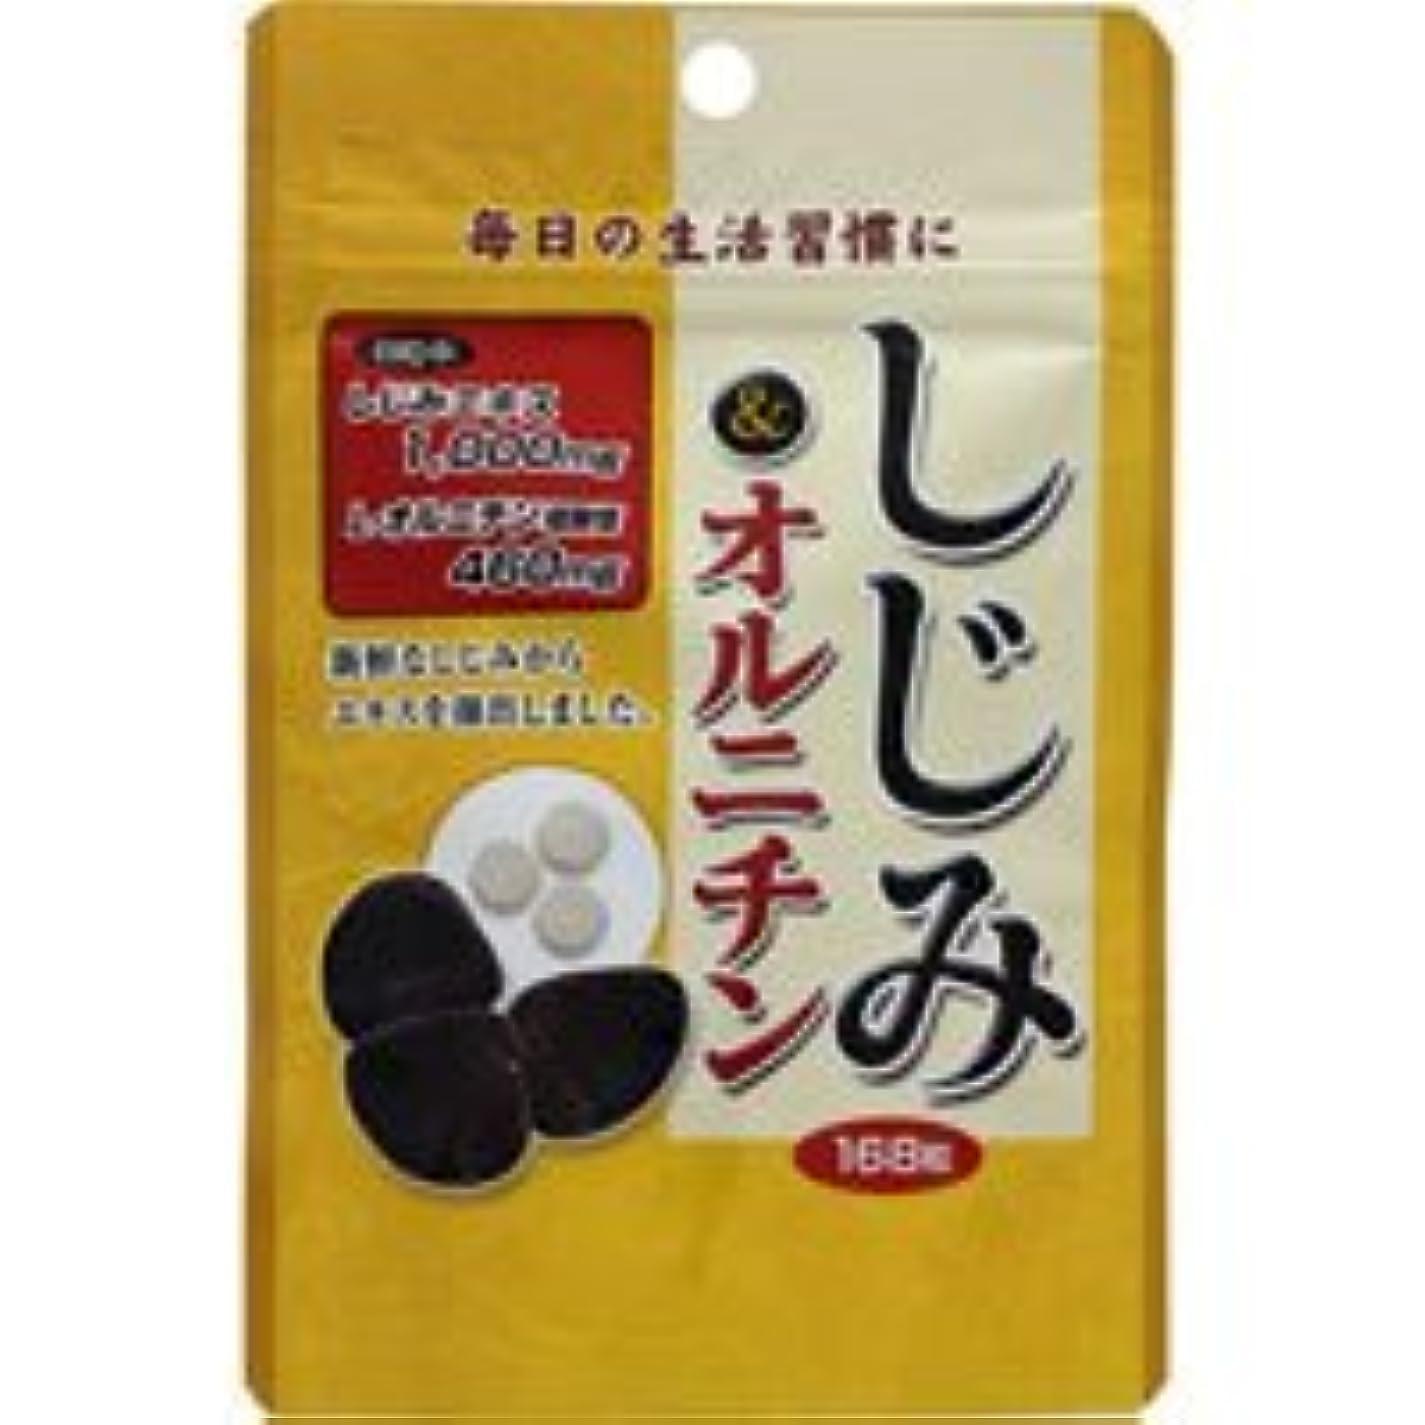 塗抹突破口レンチしじみ&オルニチン 42g(250mg×168粒)